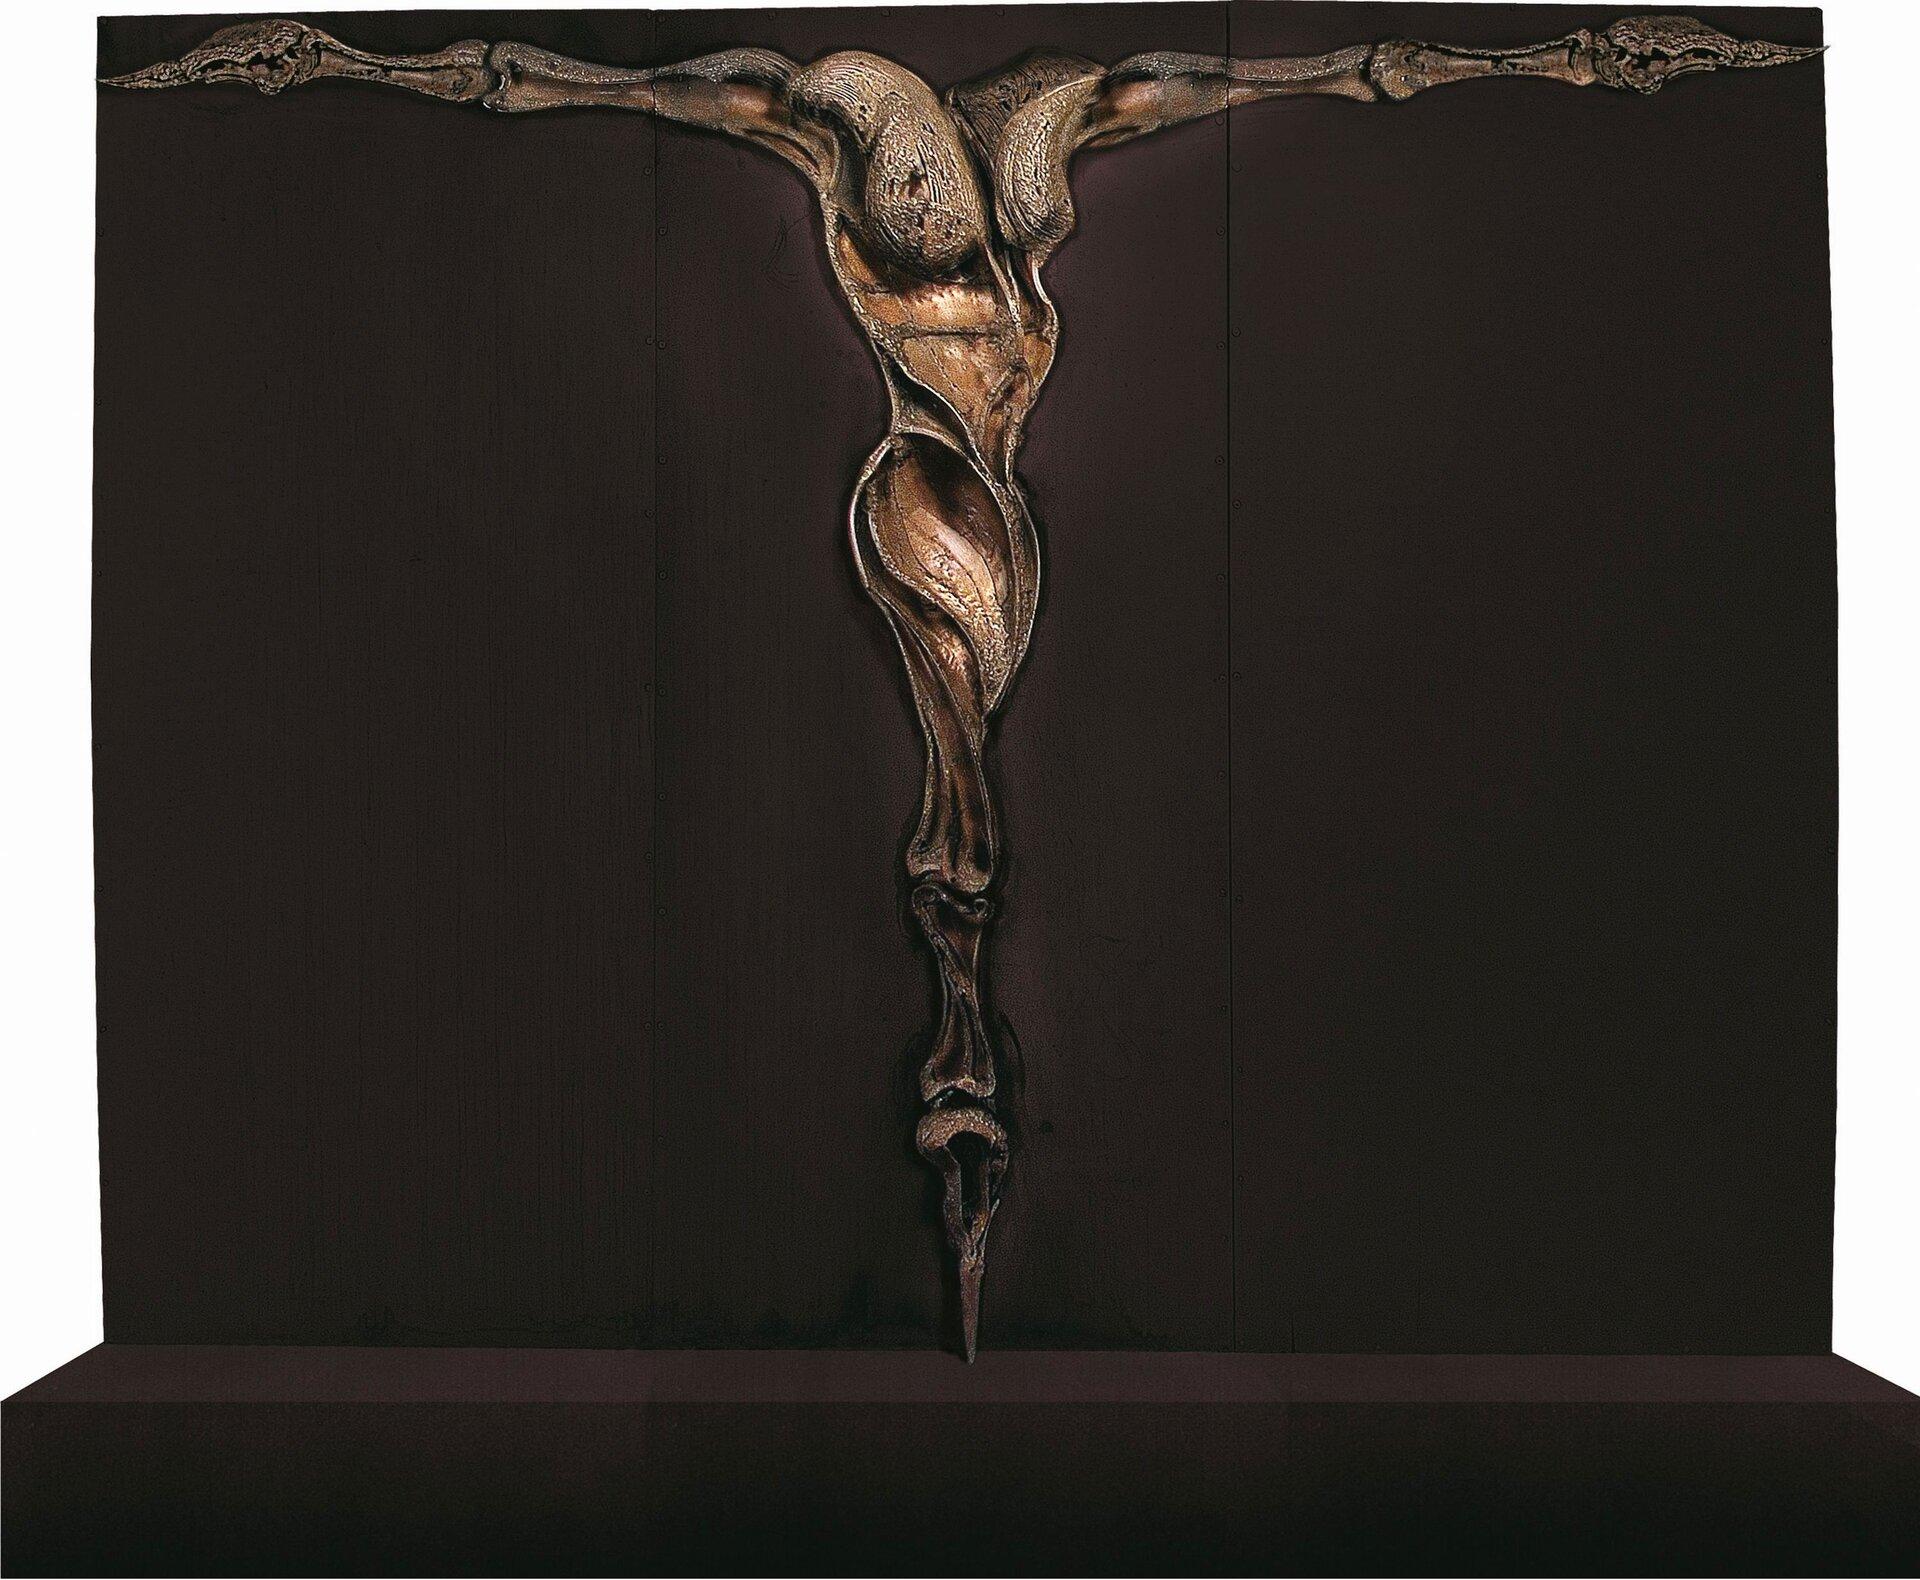 """Ilustracja przedstawia instalację """"Bez tytułu"""" autorstwa Anny Wysockiej. Zdjęcie ukazuje rzeźbę przypominającą postać zrozpostartymi rękoma, bez głowy, umieszczoną na brązowym podeście. Ramiona izłączone nogi mają formę połączonych piszczeli. Metaliczna, błyszcząca struktura obiektu wyłania się zbrązowego, matowego tła."""